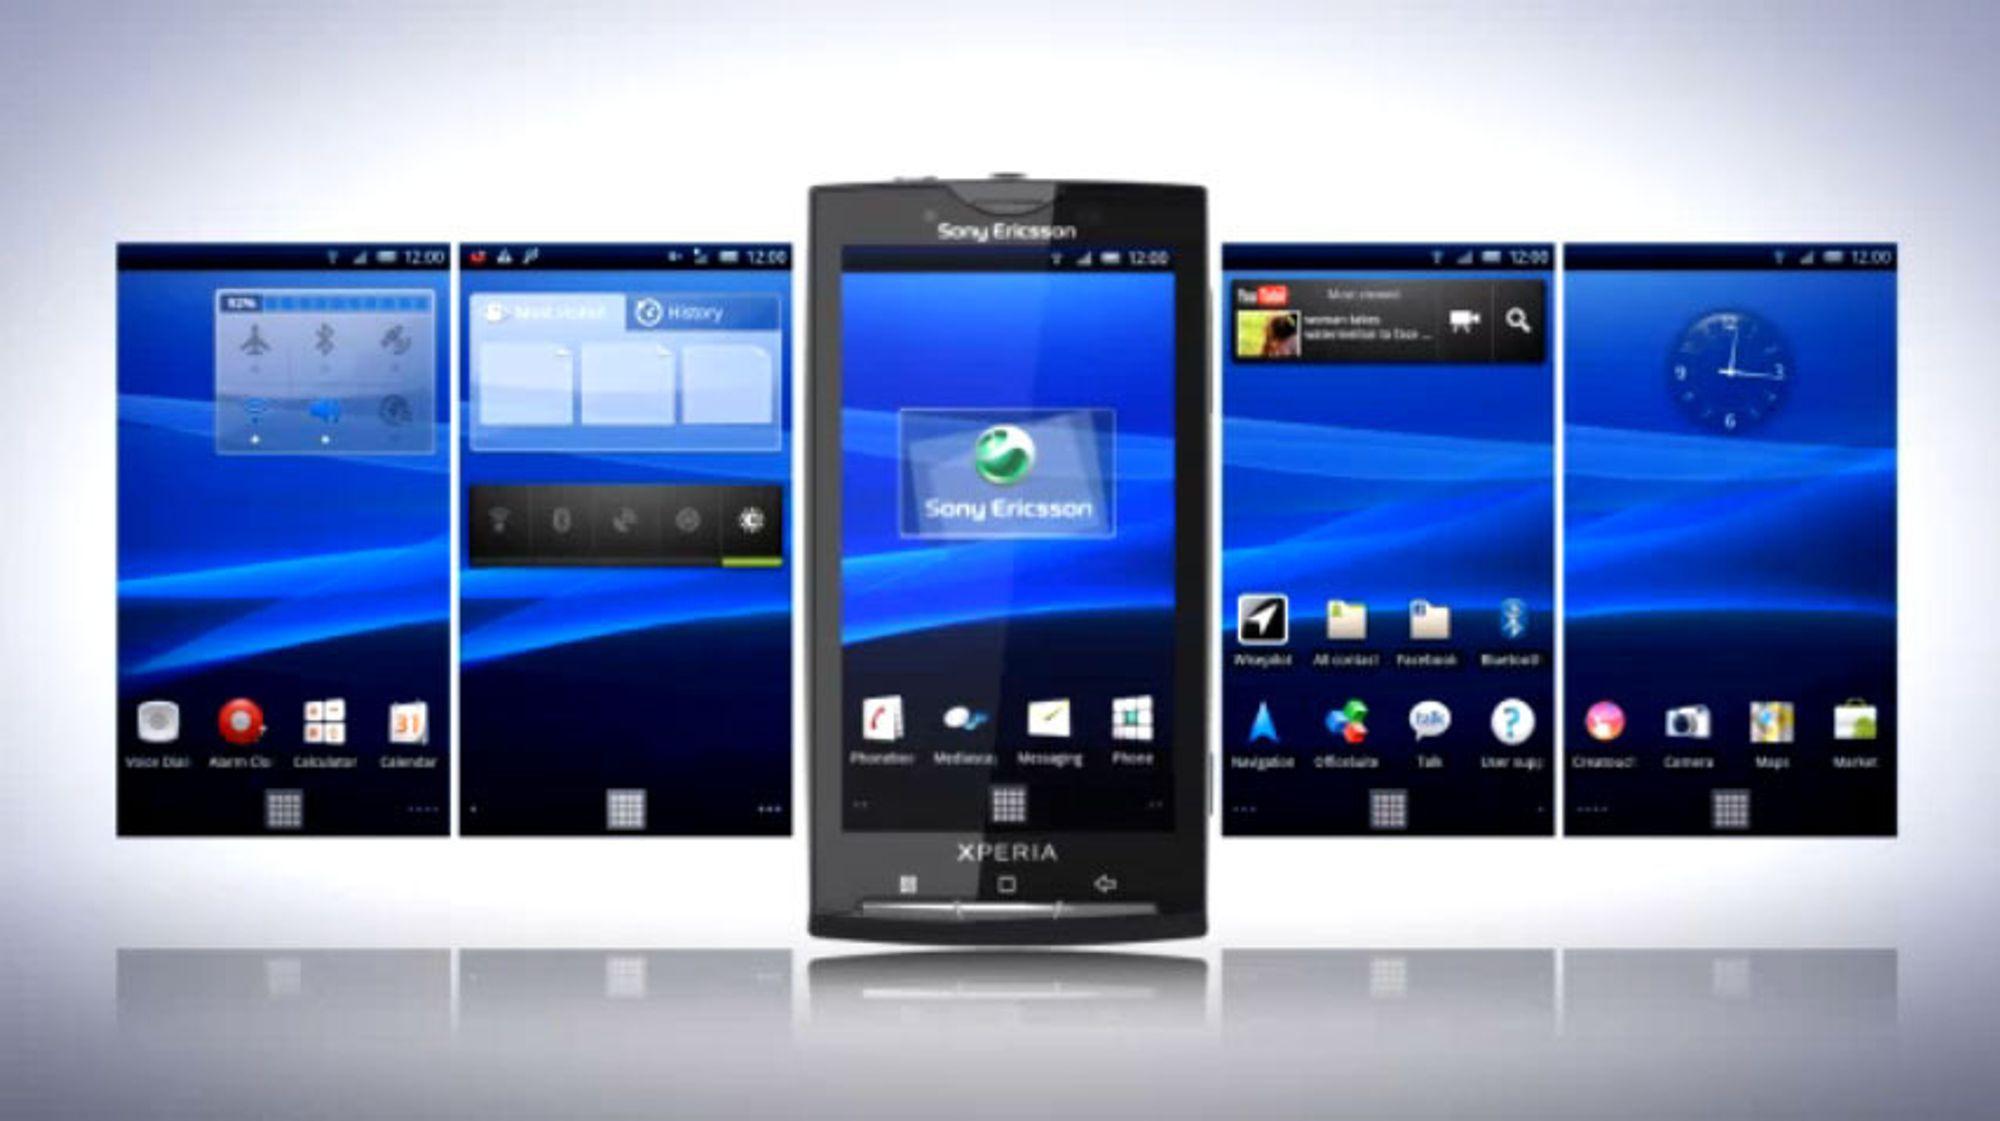 Dette er nytt i Android 2.1 for Xperia X10